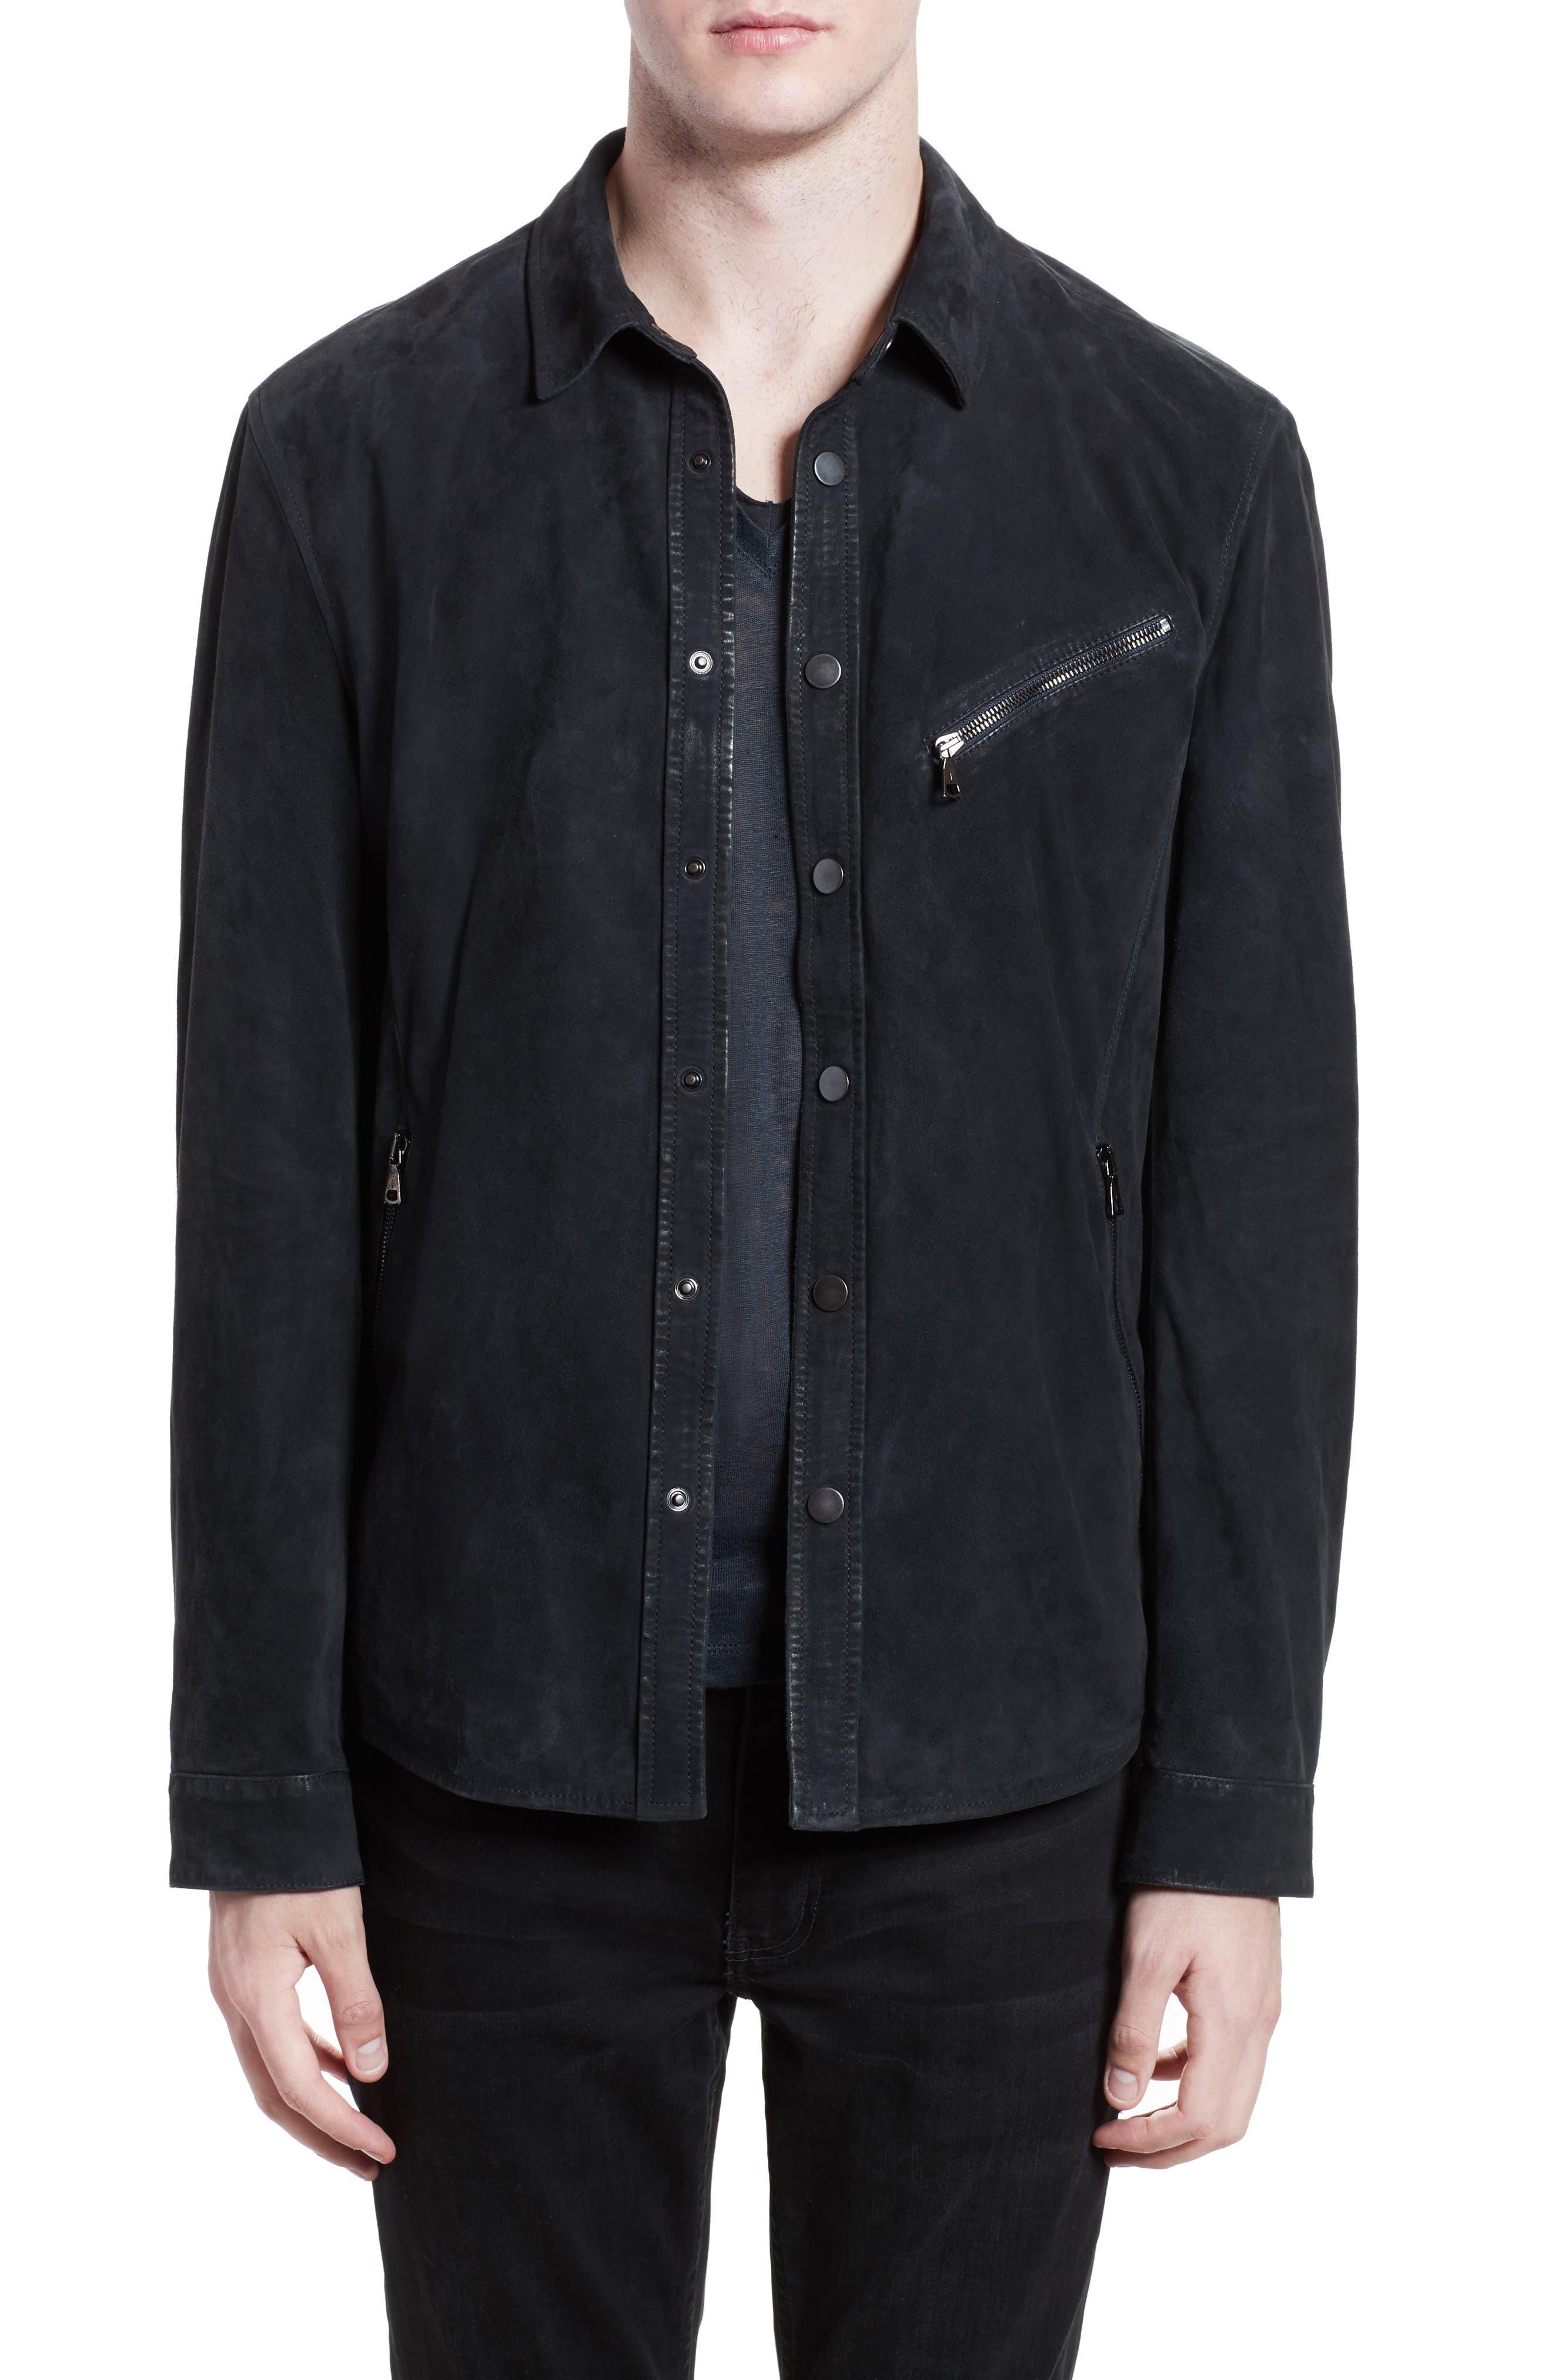 JOHN VARVATOS, Suede Shirt Jacket, Main thumbnail 1, color, MIDNIGHT